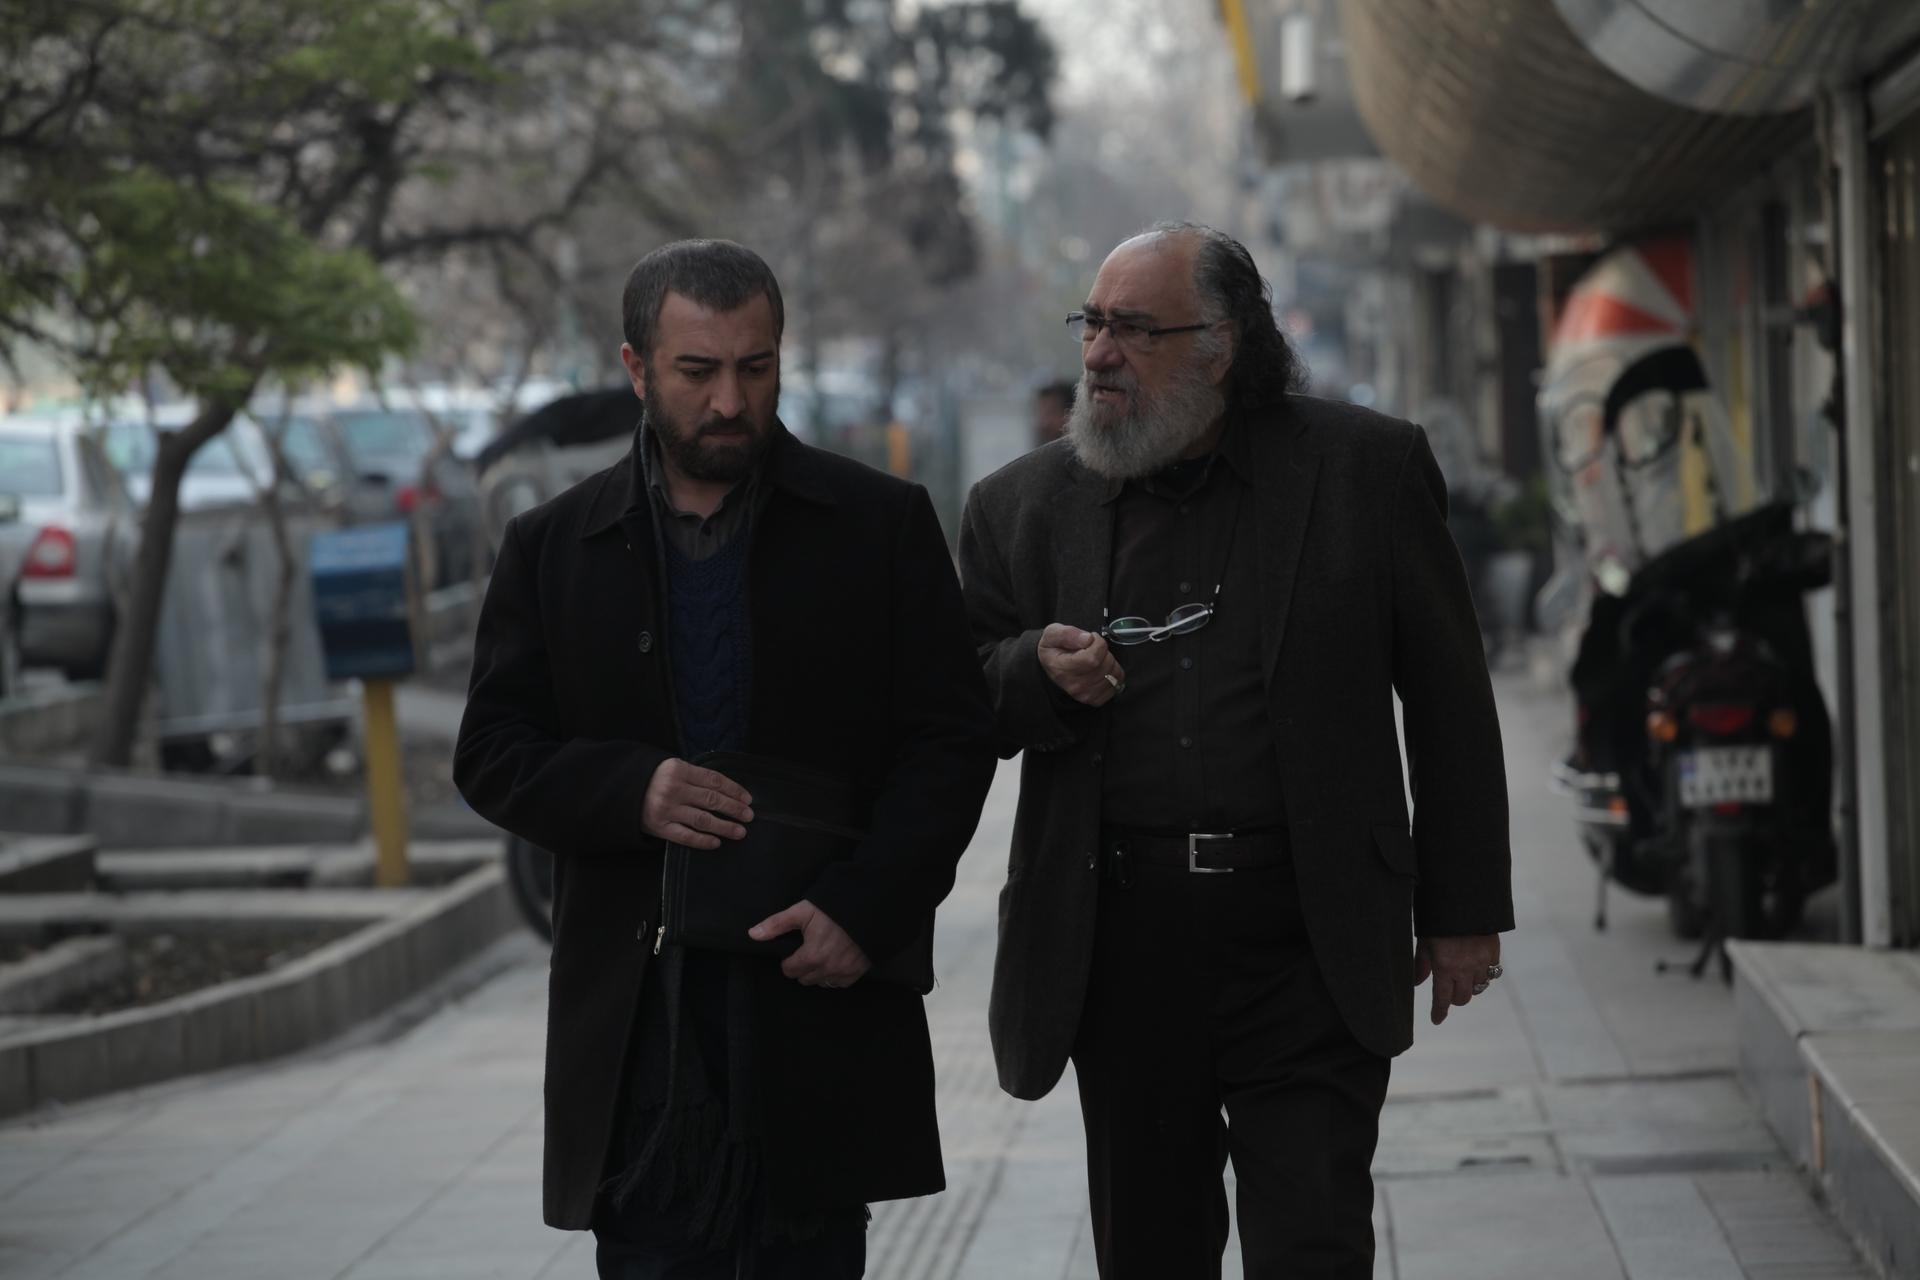 مجید صالحی و داریوش ارجمند در فیلم چراغهای ناتمام